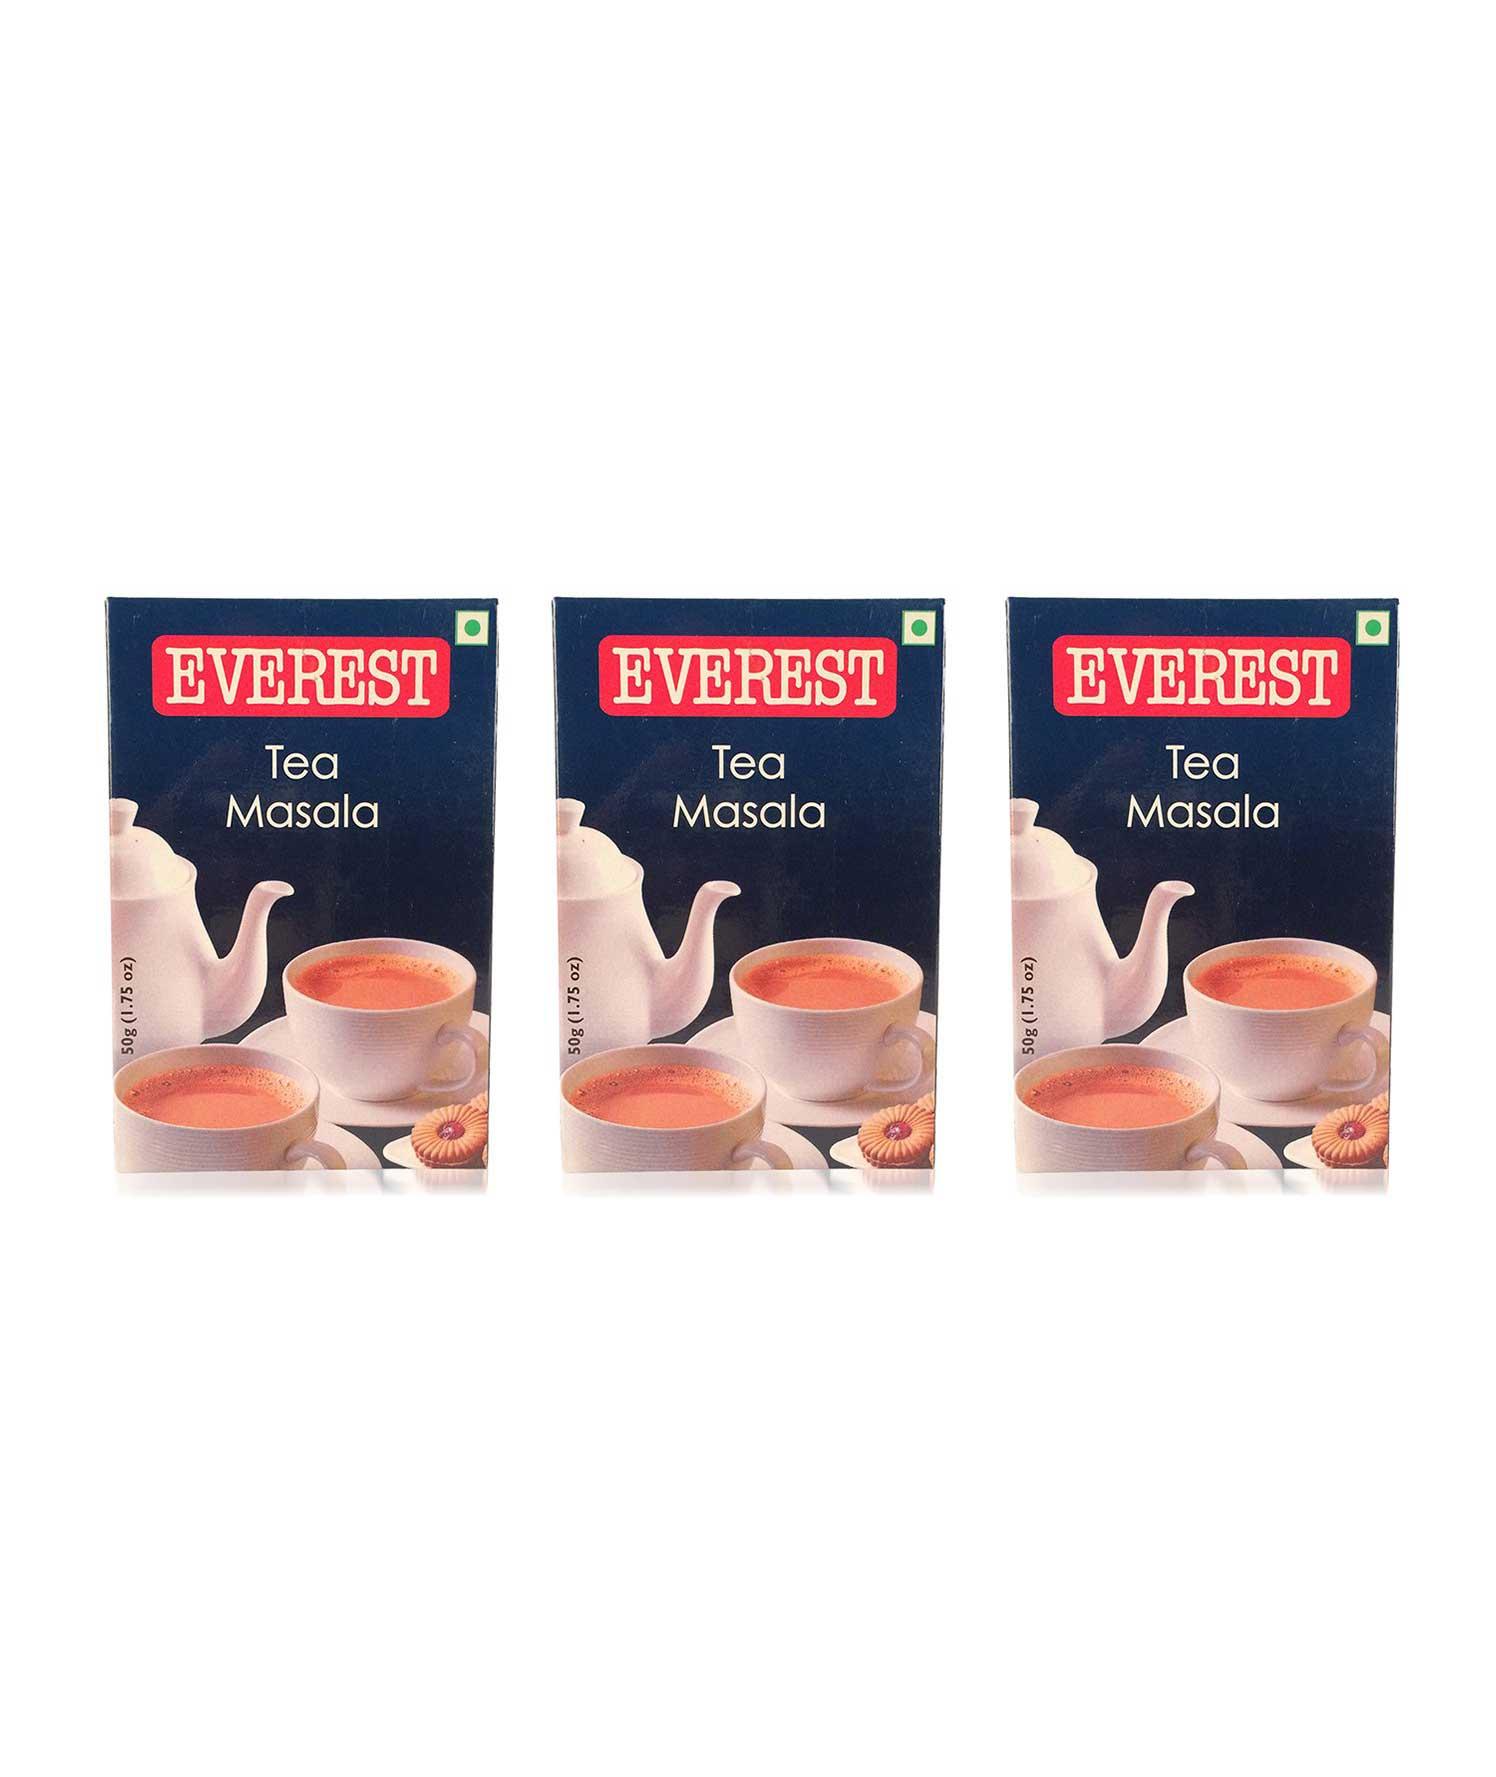 Everest Tea Masala - 50 grams (Pack of 3)